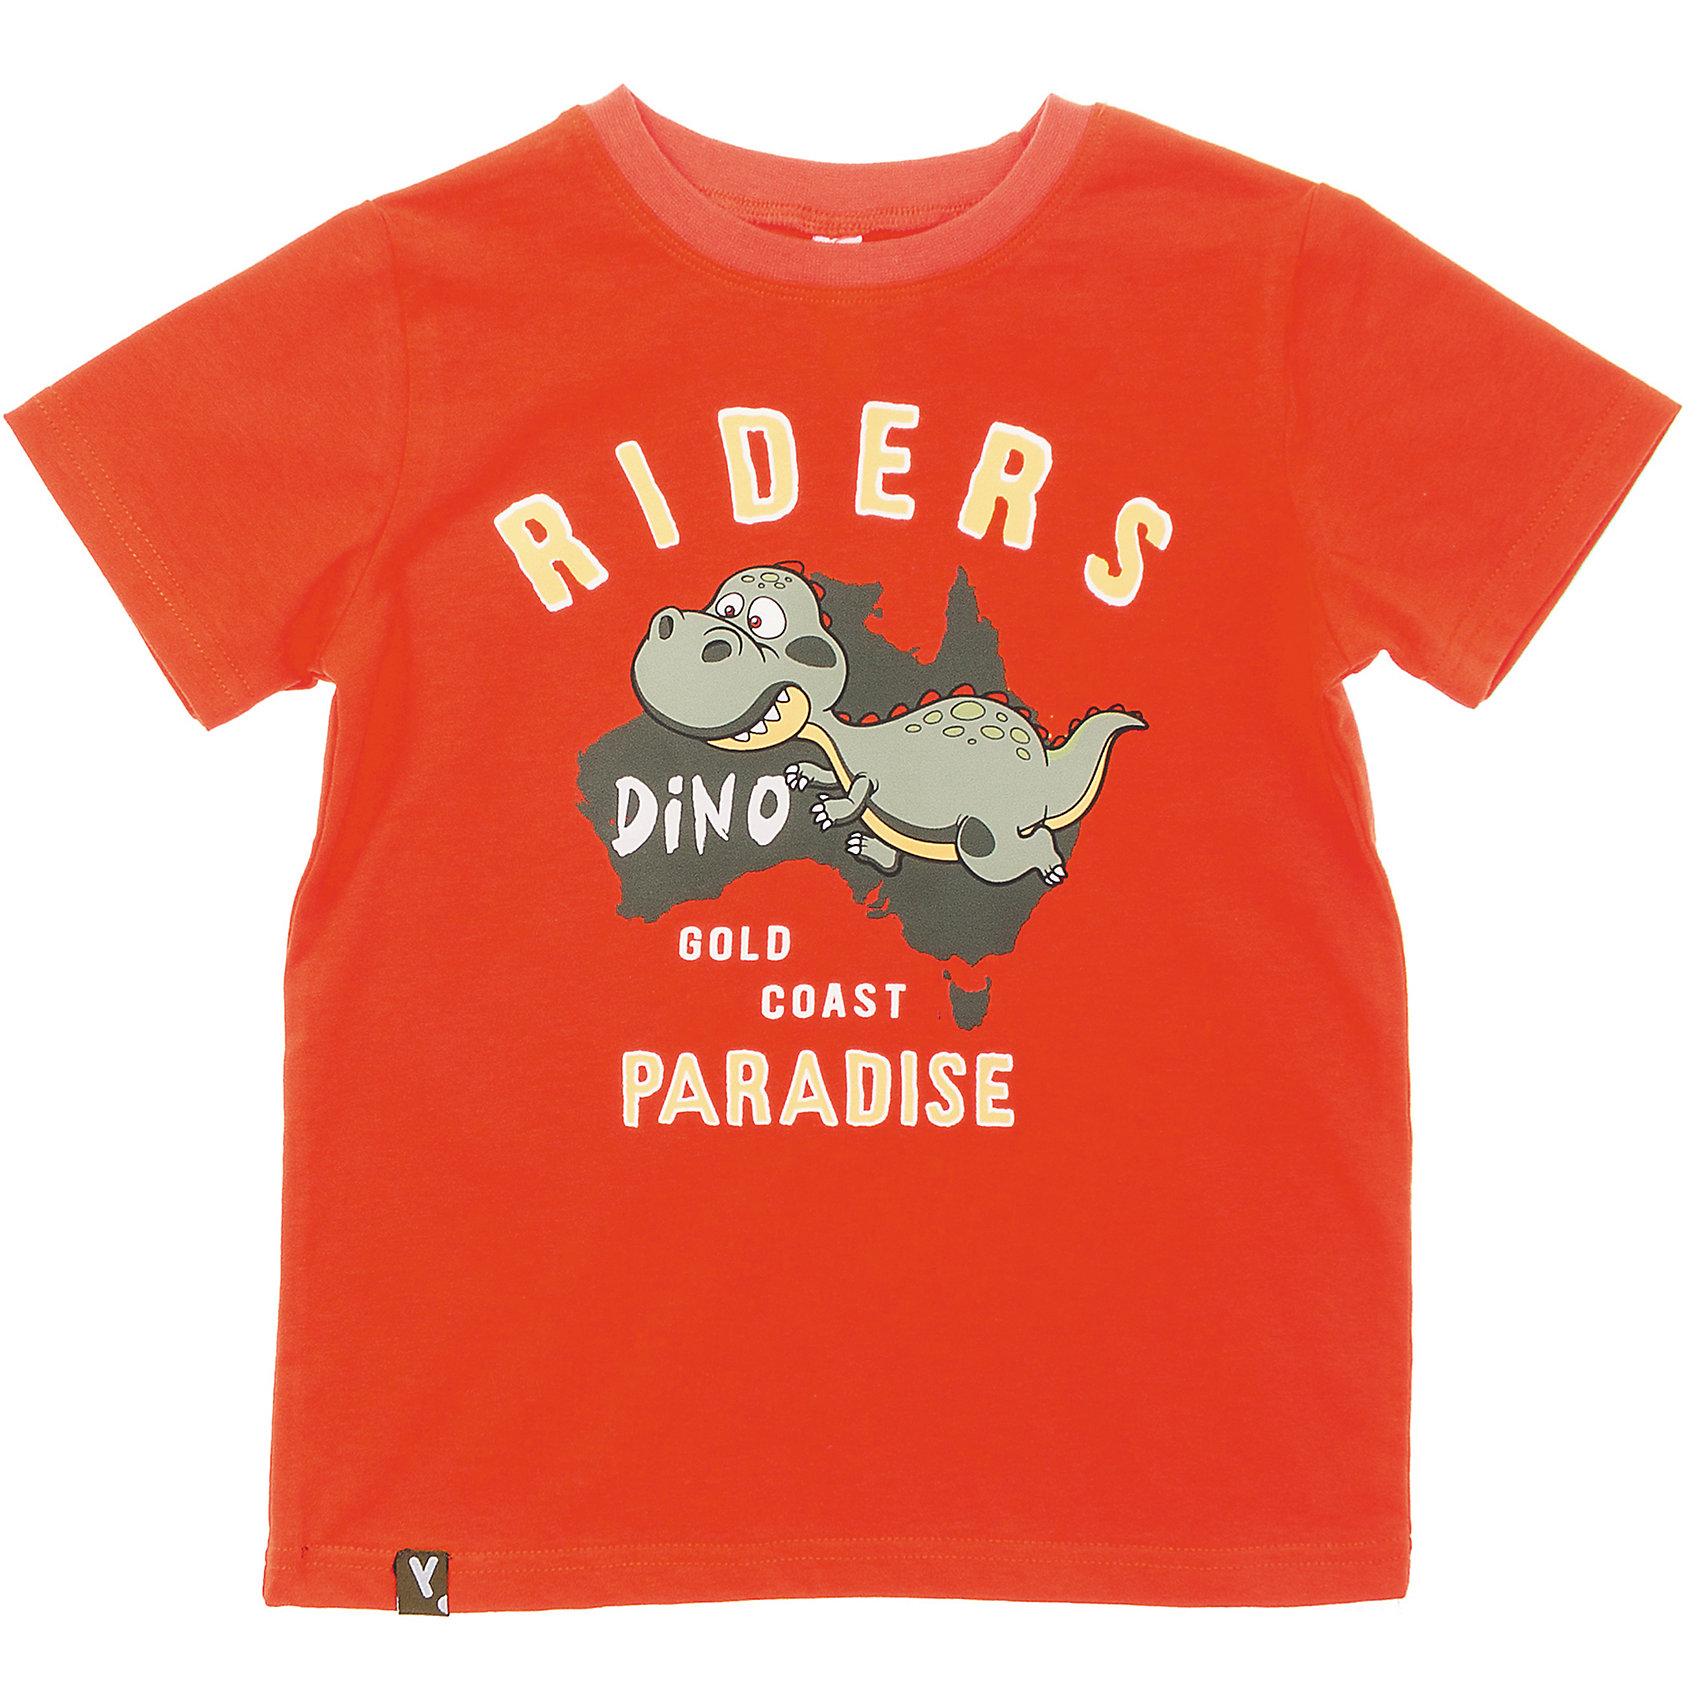 Футболка для мальчика PlayTodayФутболки, поло и топы<br>Стильная хлопковая футболка красно-оранжевого цвета. Украшена резиновым принтом с динозавром. На воротнике мягкая резинка. Состав: 95% хлопок, 5% эластан<br><br>Ширина мм: 199<br>Глубина мм: 10<br>Высота мм: 161<br>Вес г: 151<br>Цвет: оранжевый<br>Возраст от месяцев: 60<br>Возраст до месяцев: 72<br>Пол: Мужской<br>Возраст: Детский<br>Размер: 116,128,122,110,104,98<br>SKU: 4652477